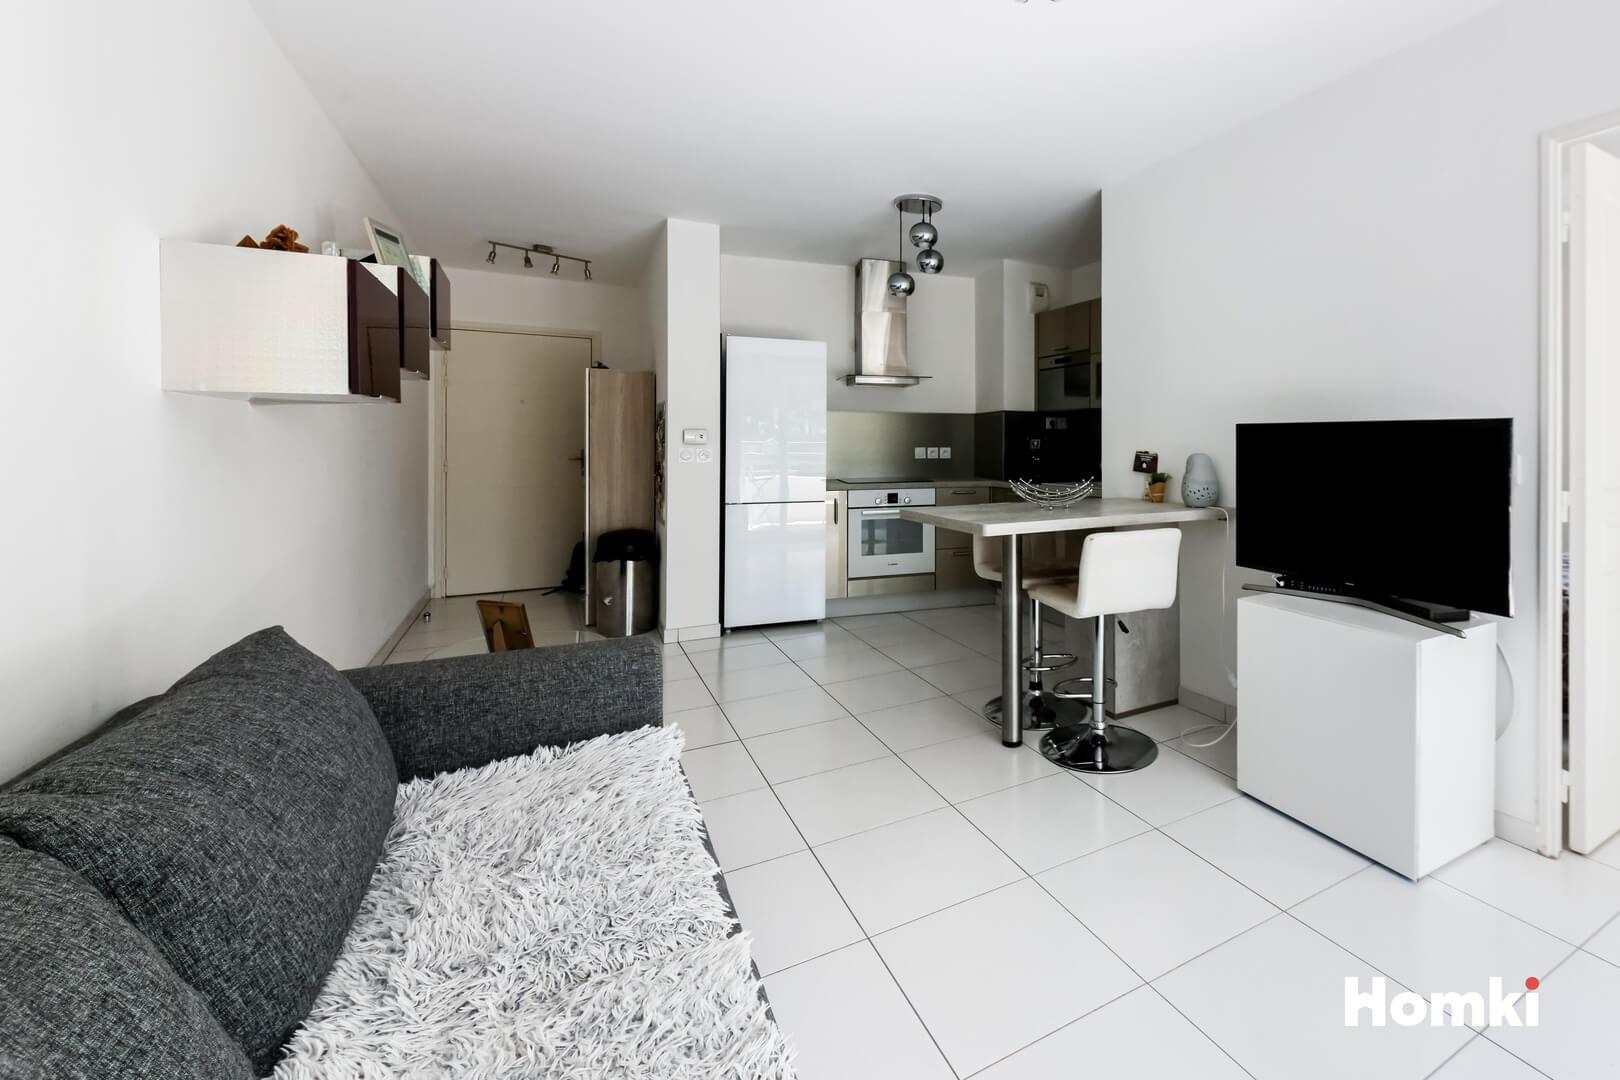 Homki - Vente Appartement  de 38.6 m² à Marseille 13009